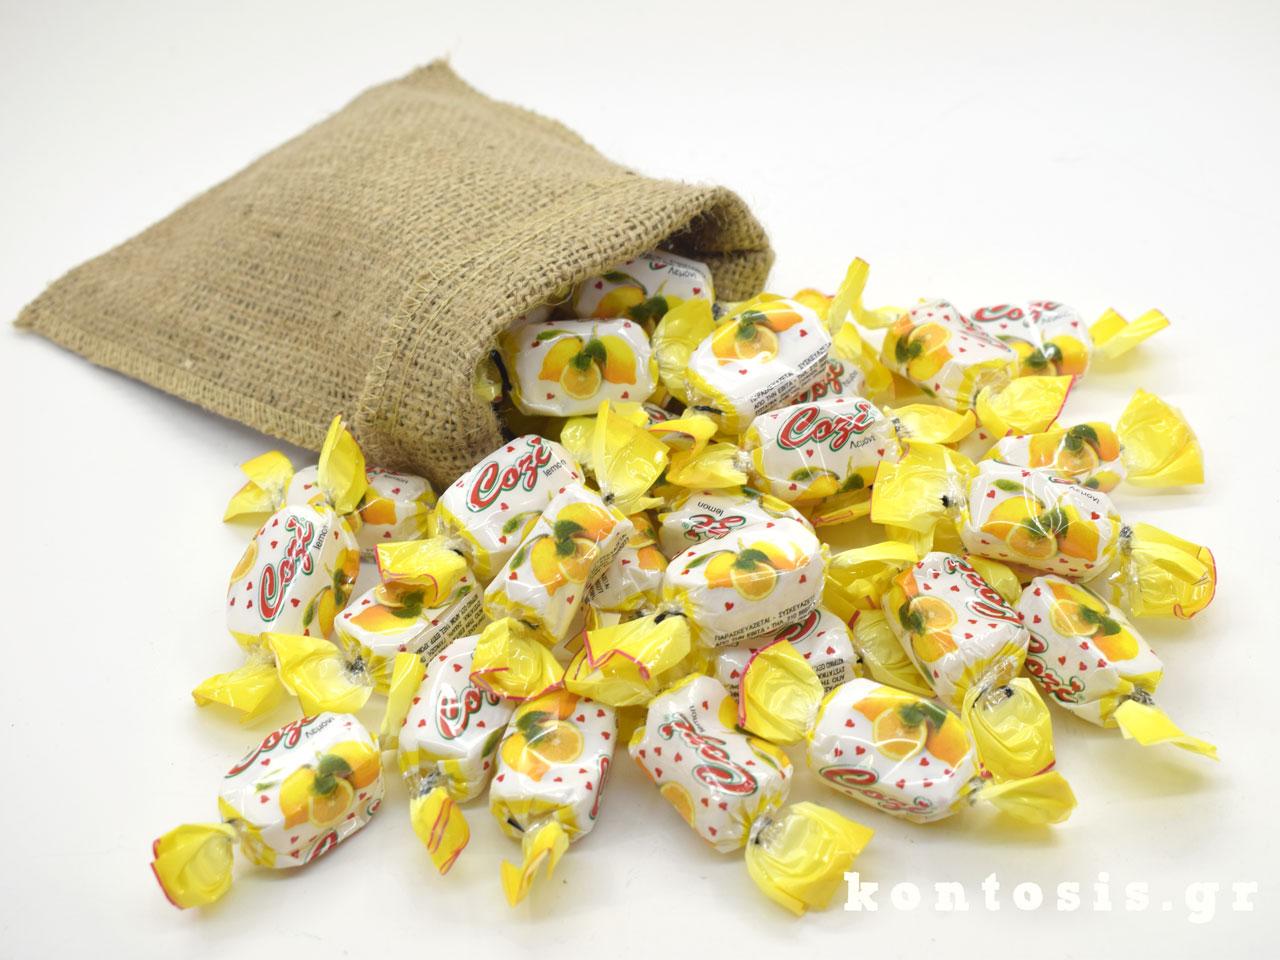 karameles soft zele gelo lemoni lemon